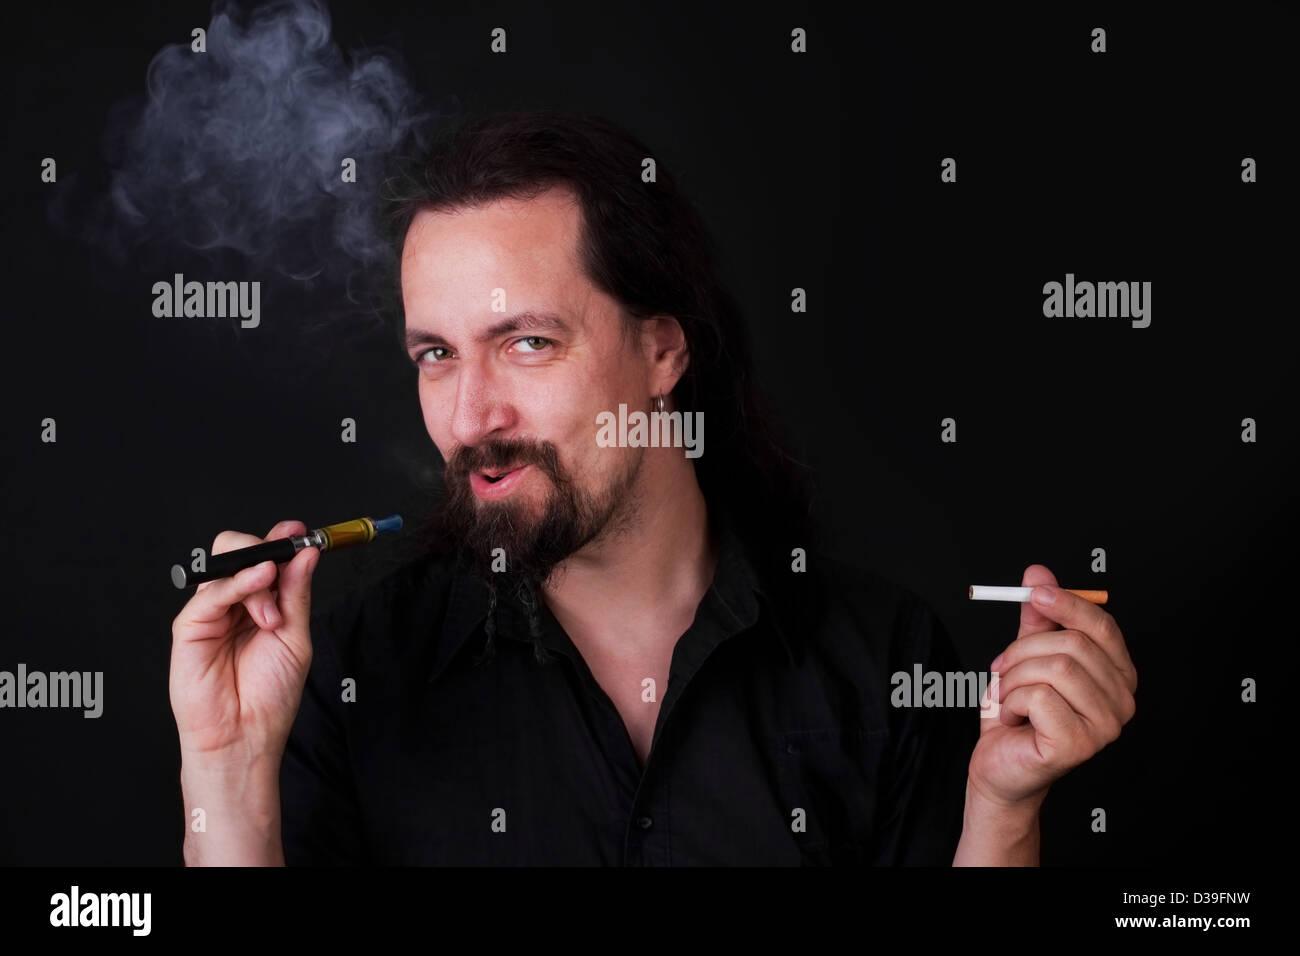 handsome man smoking e-cigarette - Stock Image